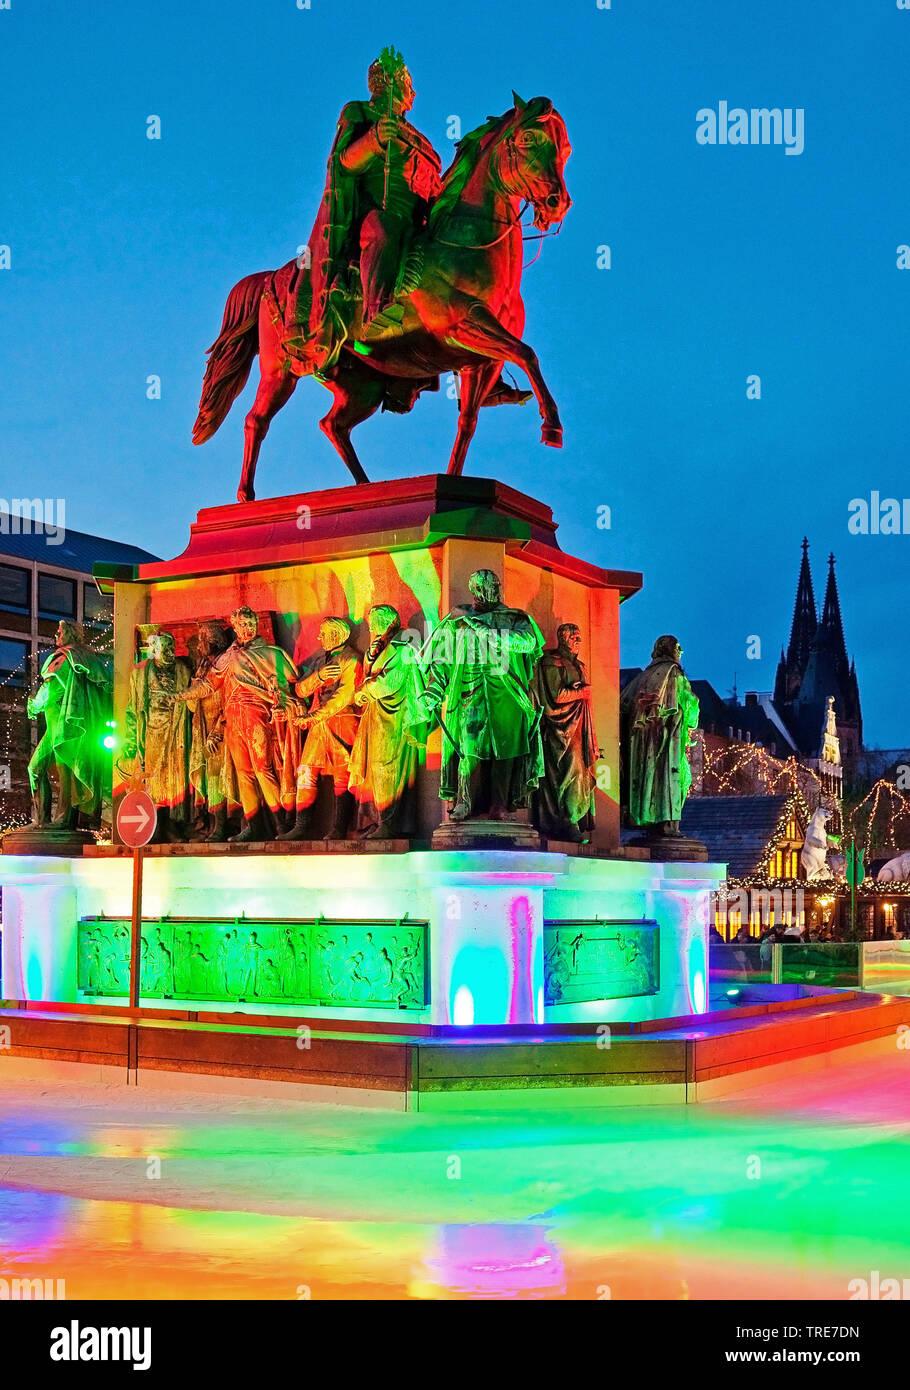 Eisbahn auf dem Heumarkt mit illuminiertem Reiterstandbild Friedrich Wilhelm III. und dem Koelner Dom, Deutschland, Nordrhein-Westfalen, Koeln   ice r - Stock Image